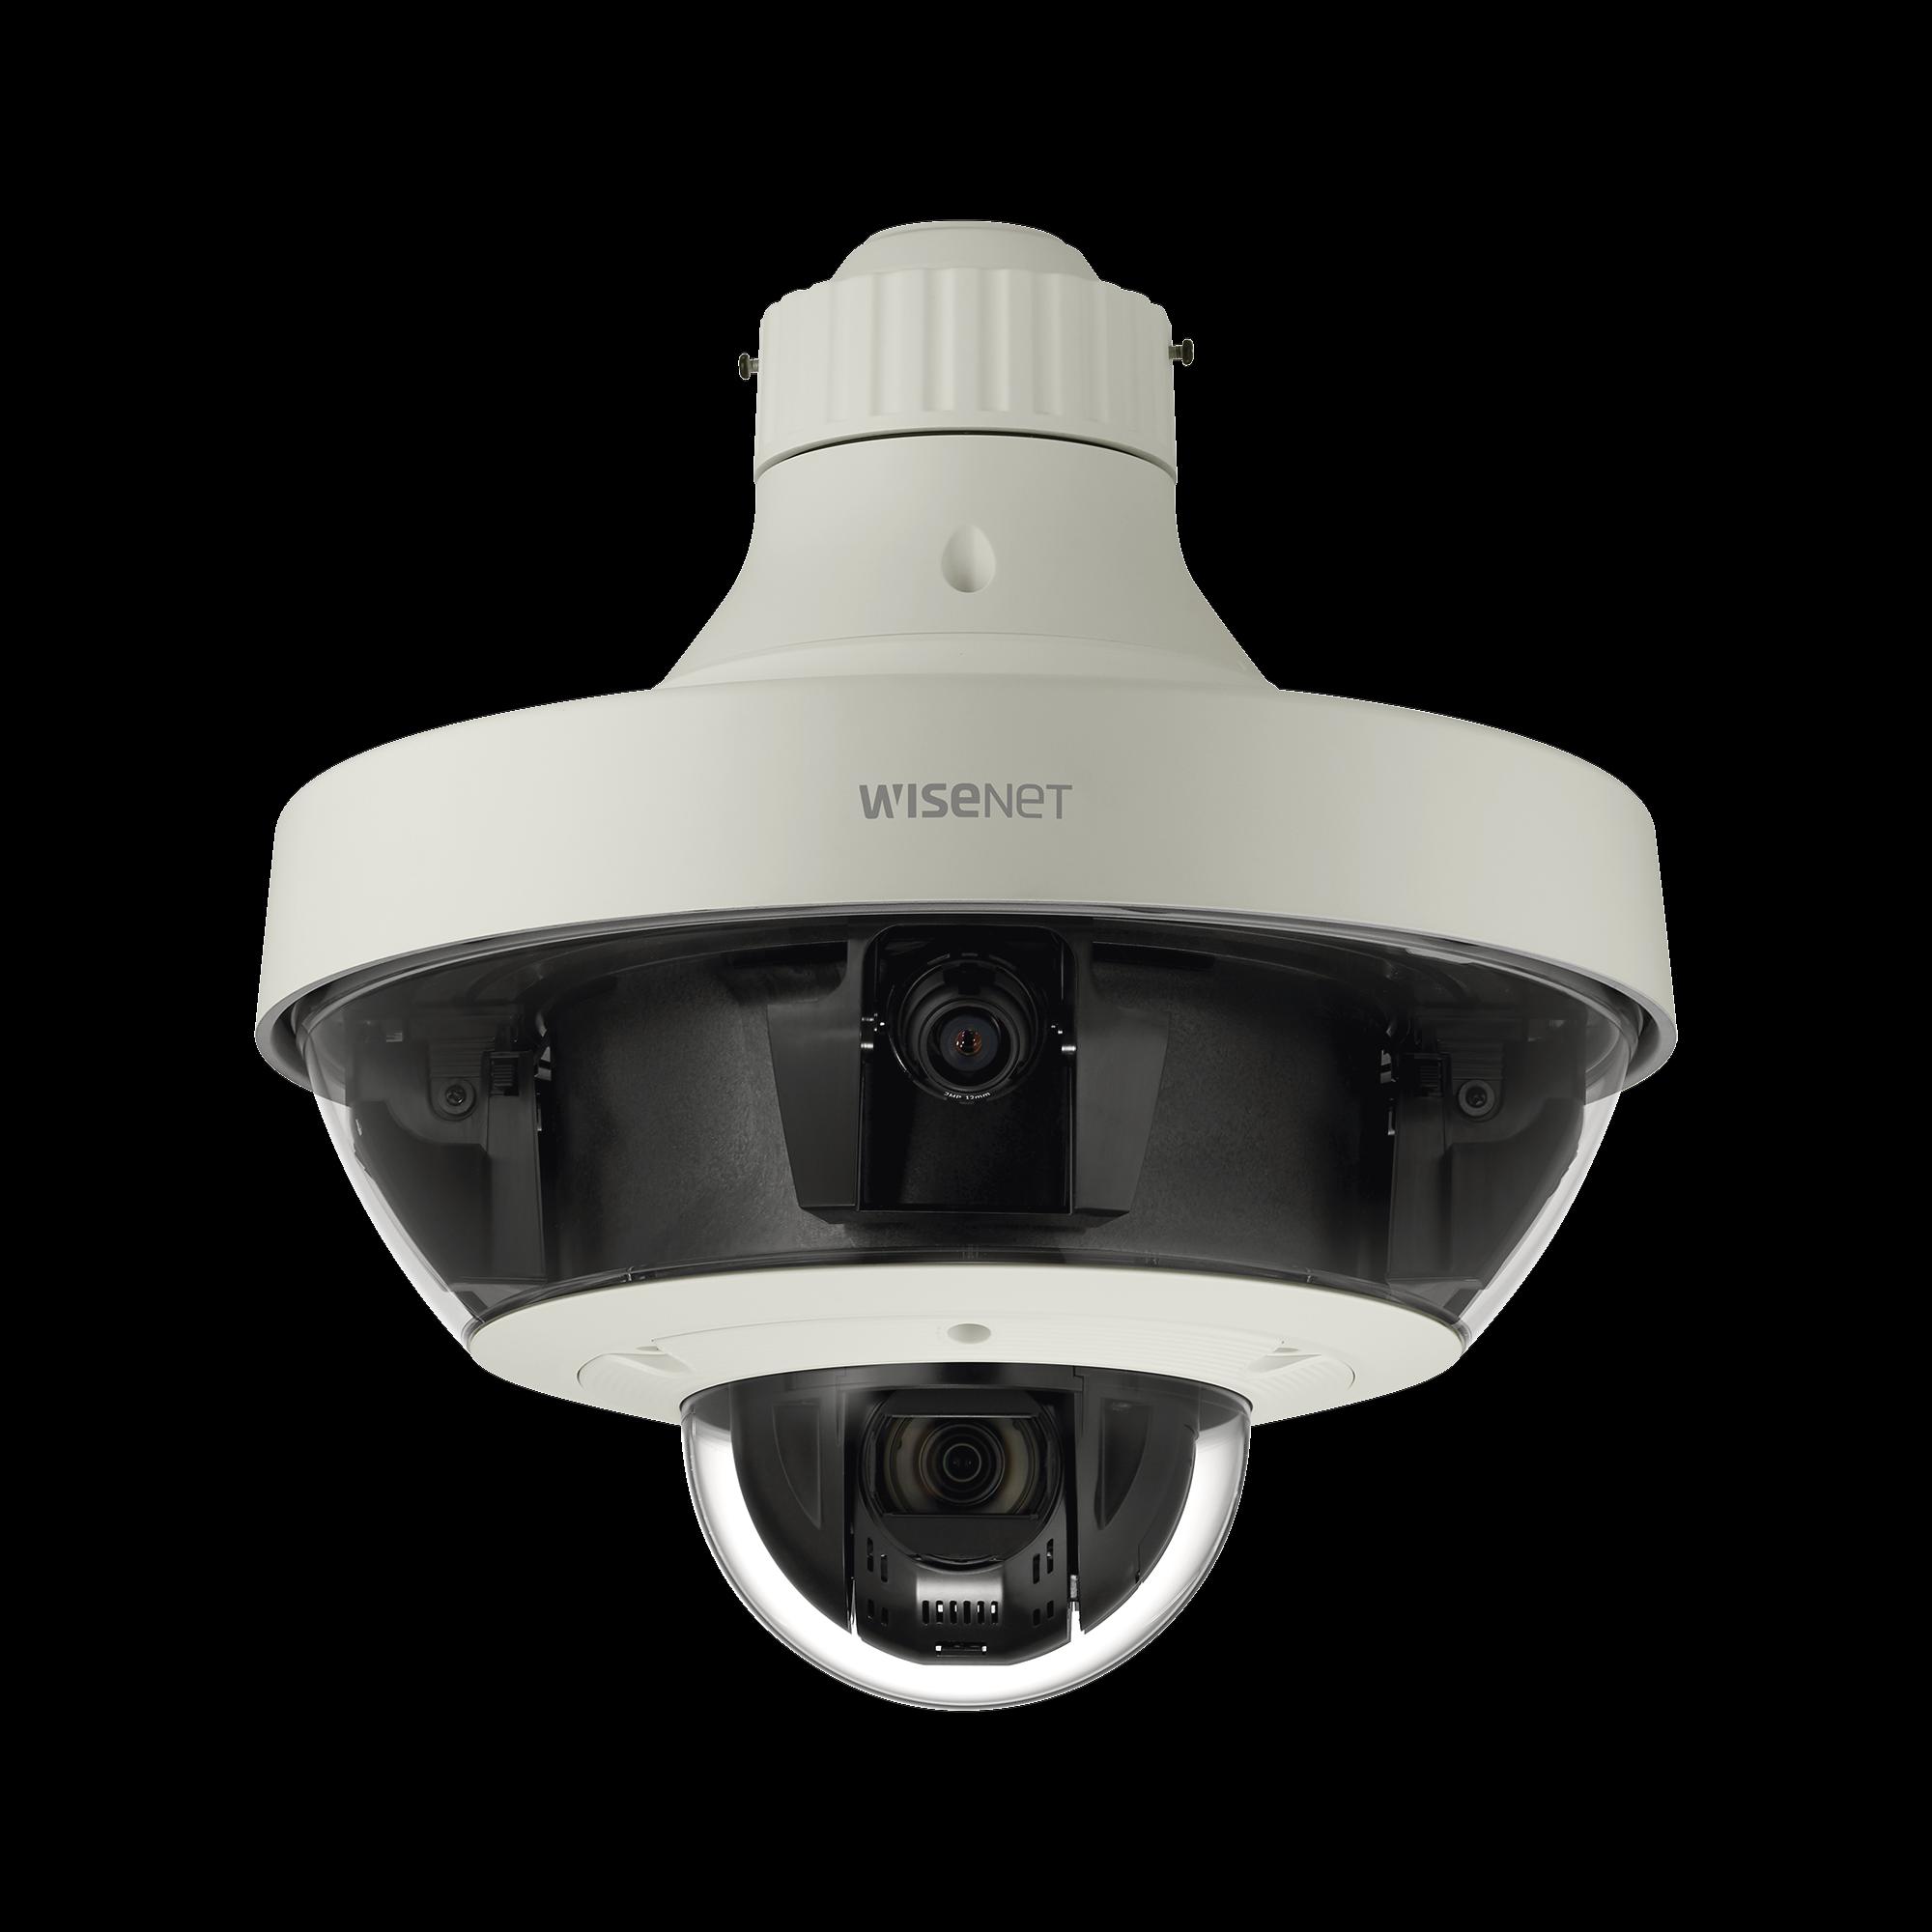 Cámara IP Multisensor 8 - 20 MP (4 sensores de 2 o 5 MP) lentes intercambiables con PTZ 2 MP 32X / Audio de dos vias / Hasta 5 tarjetas SD de 256 GB / WDR de hasta 150dB / IP66 / IK10